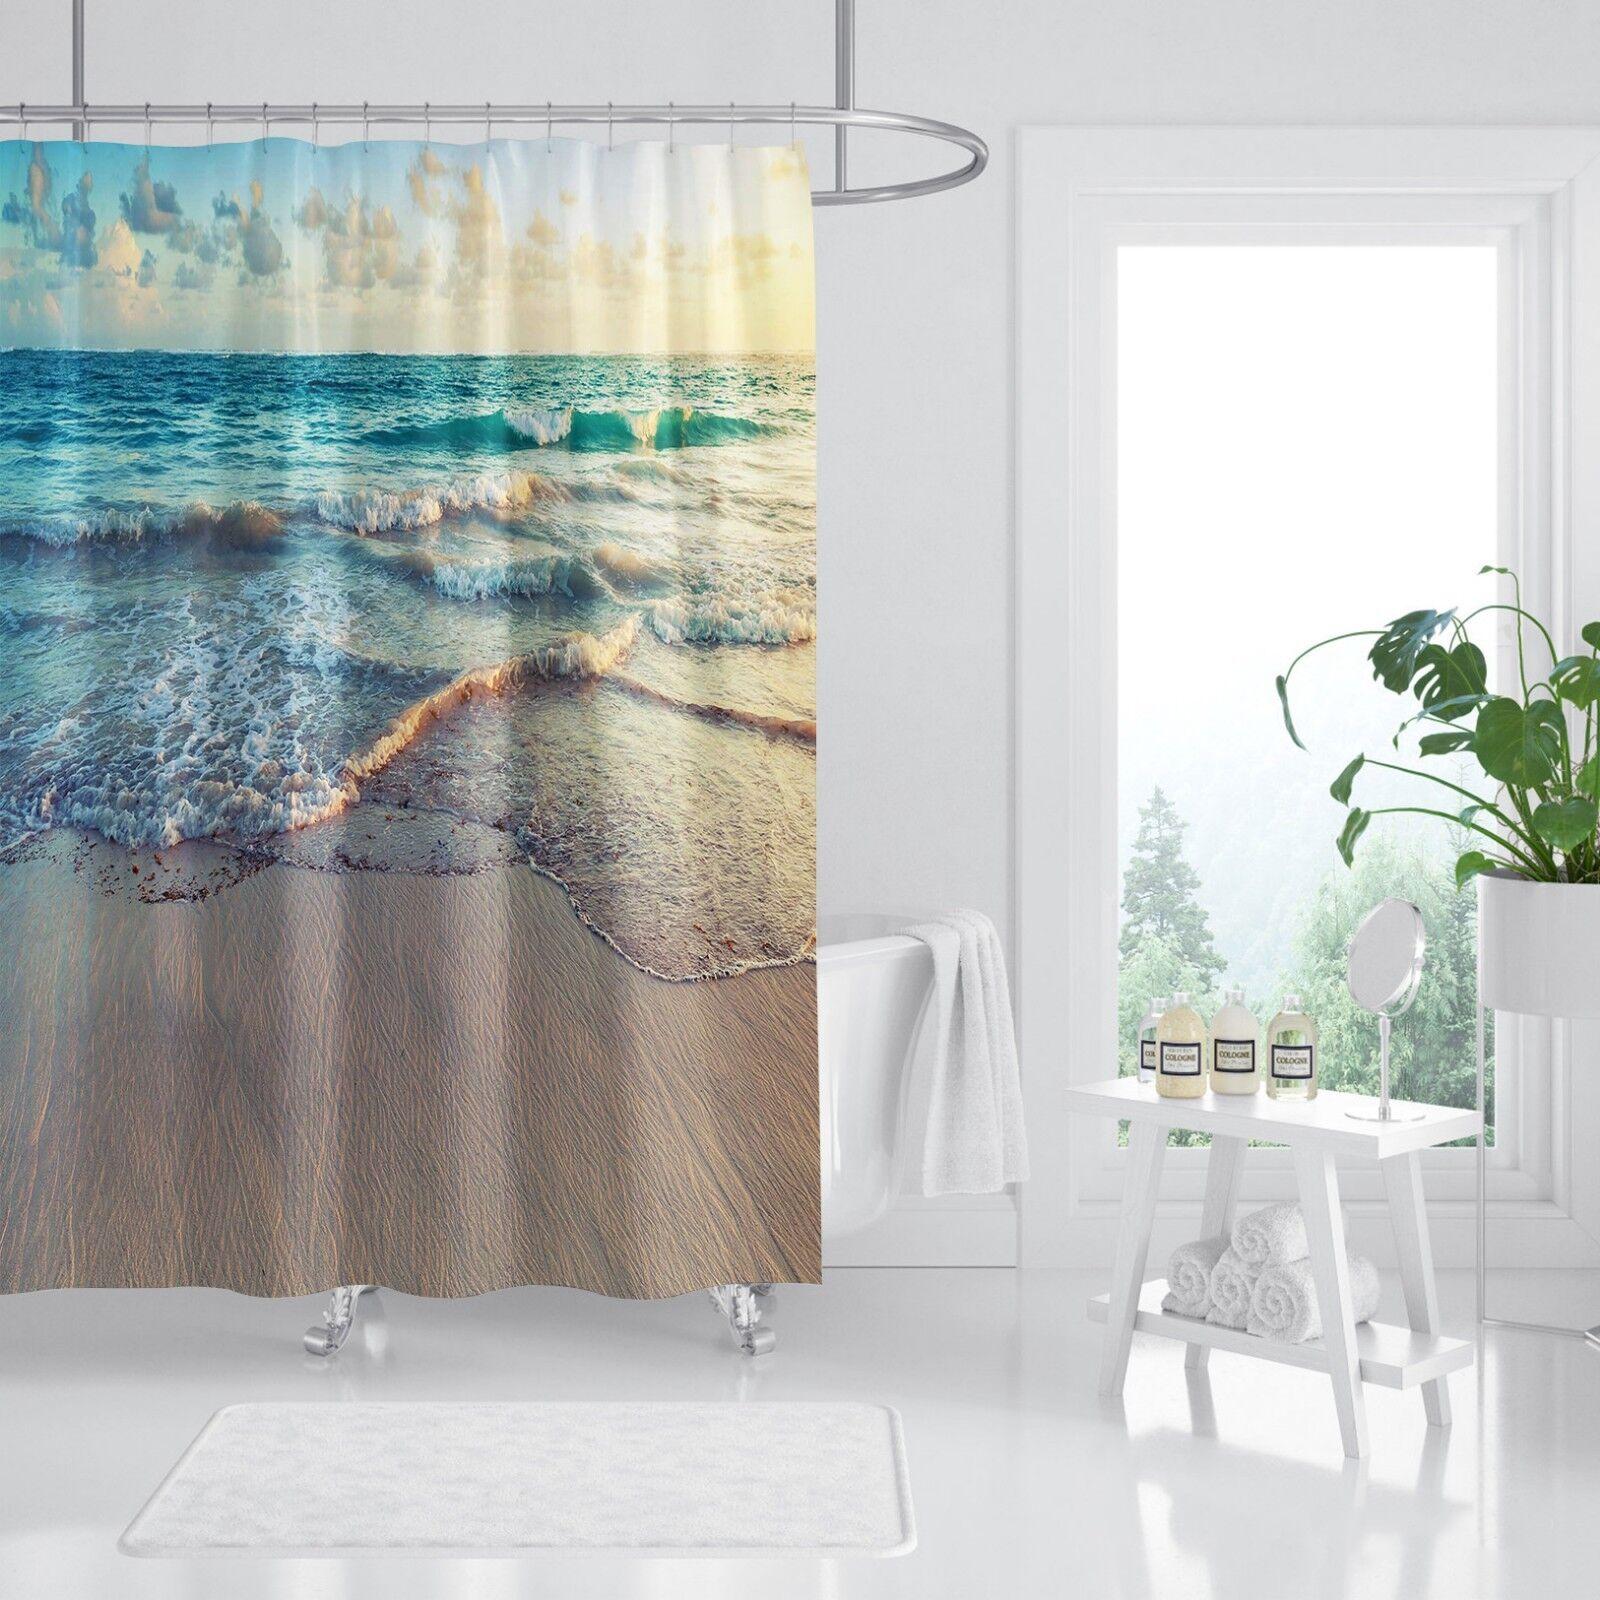 3D Schöner Strand 7 7 7 Duschvorhang Wasserdicht Faser Bad Daheim Windows Toilette | Elegant  693394